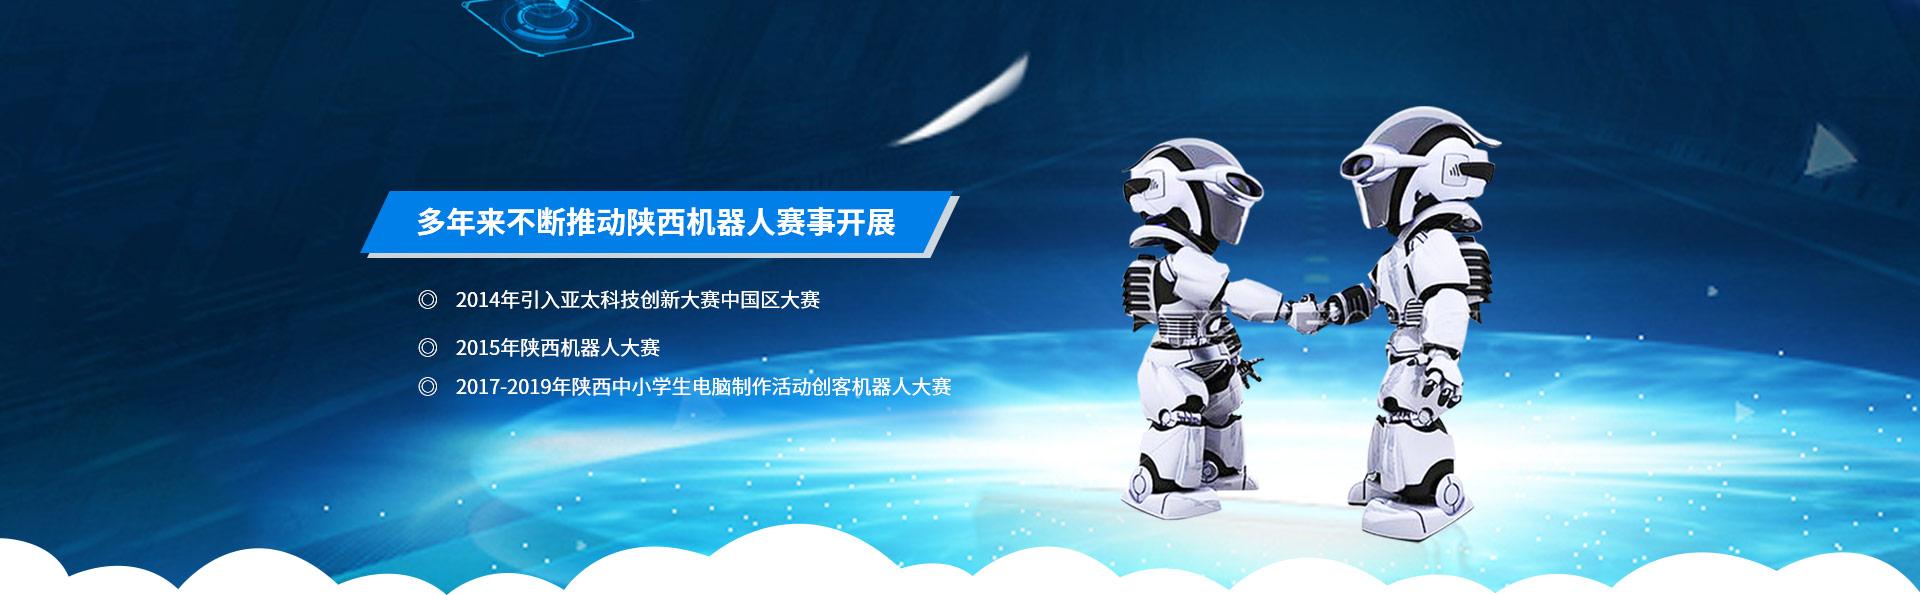 西安机器人大赛